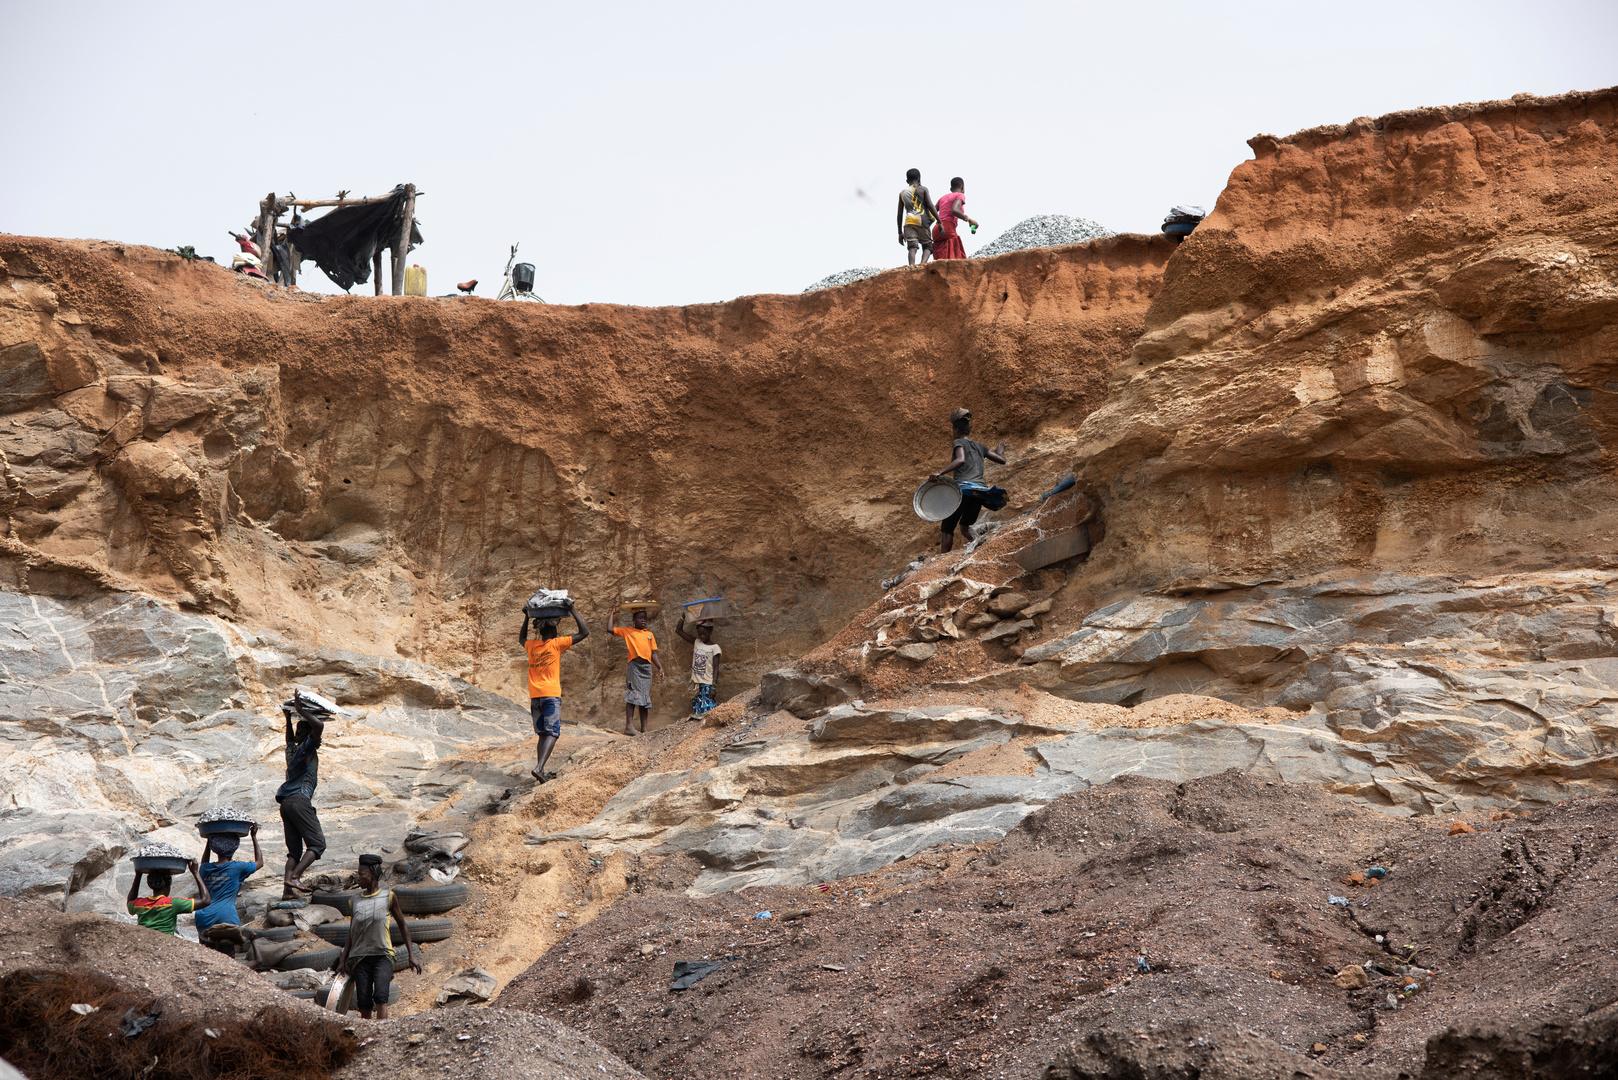 العثور على عشرات الجثث في بوركينا فاسو - RT Arabic